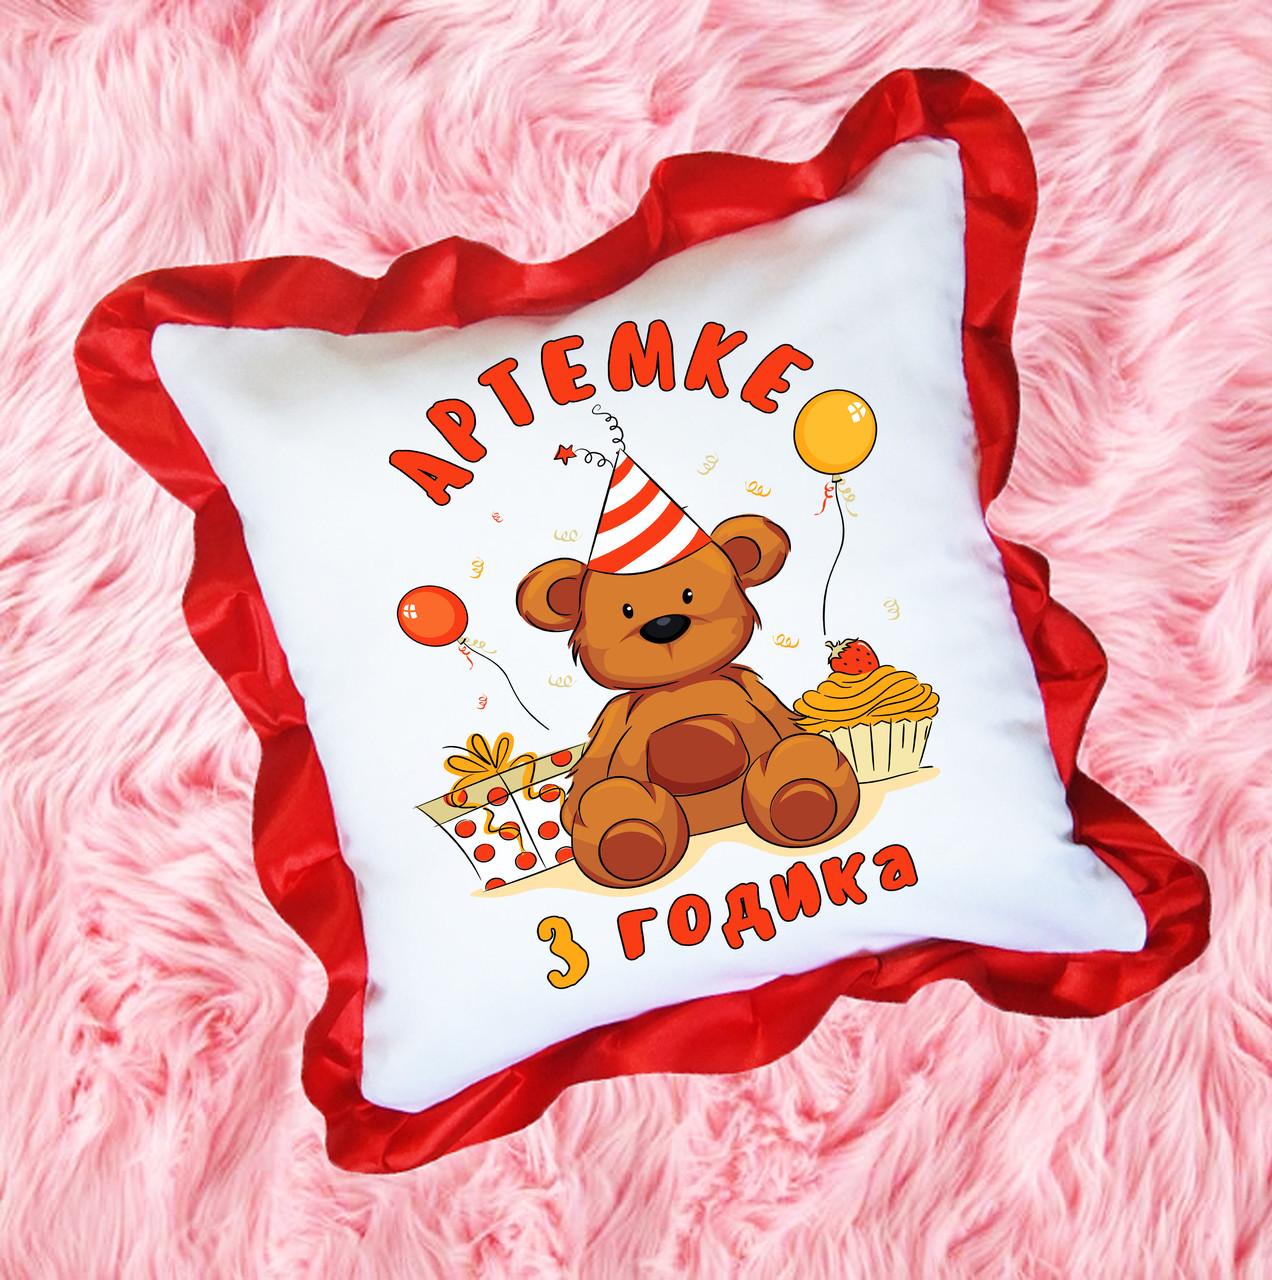 Подушка дитяча іменна, подарунок на день народження